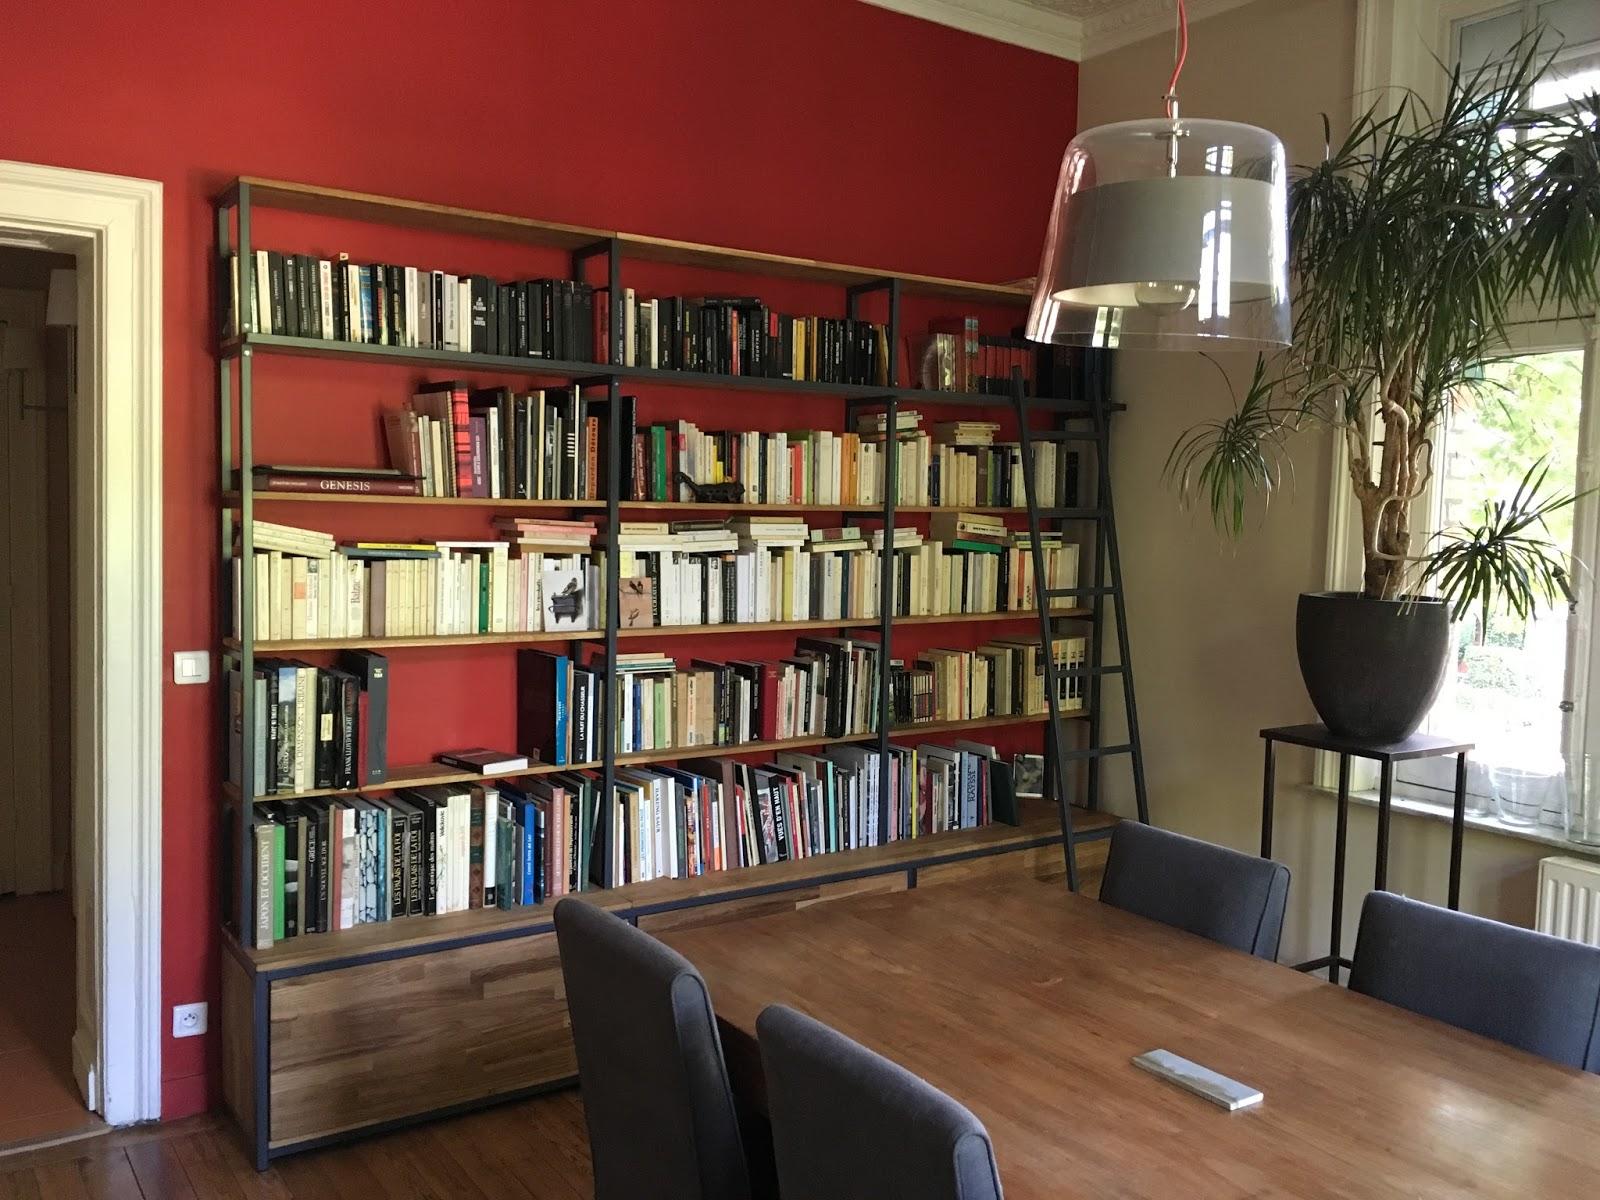 """Echelle Bibliotheque Sur Rail blog de la maison de l'imaginarium - l'ambiance """"factory"""